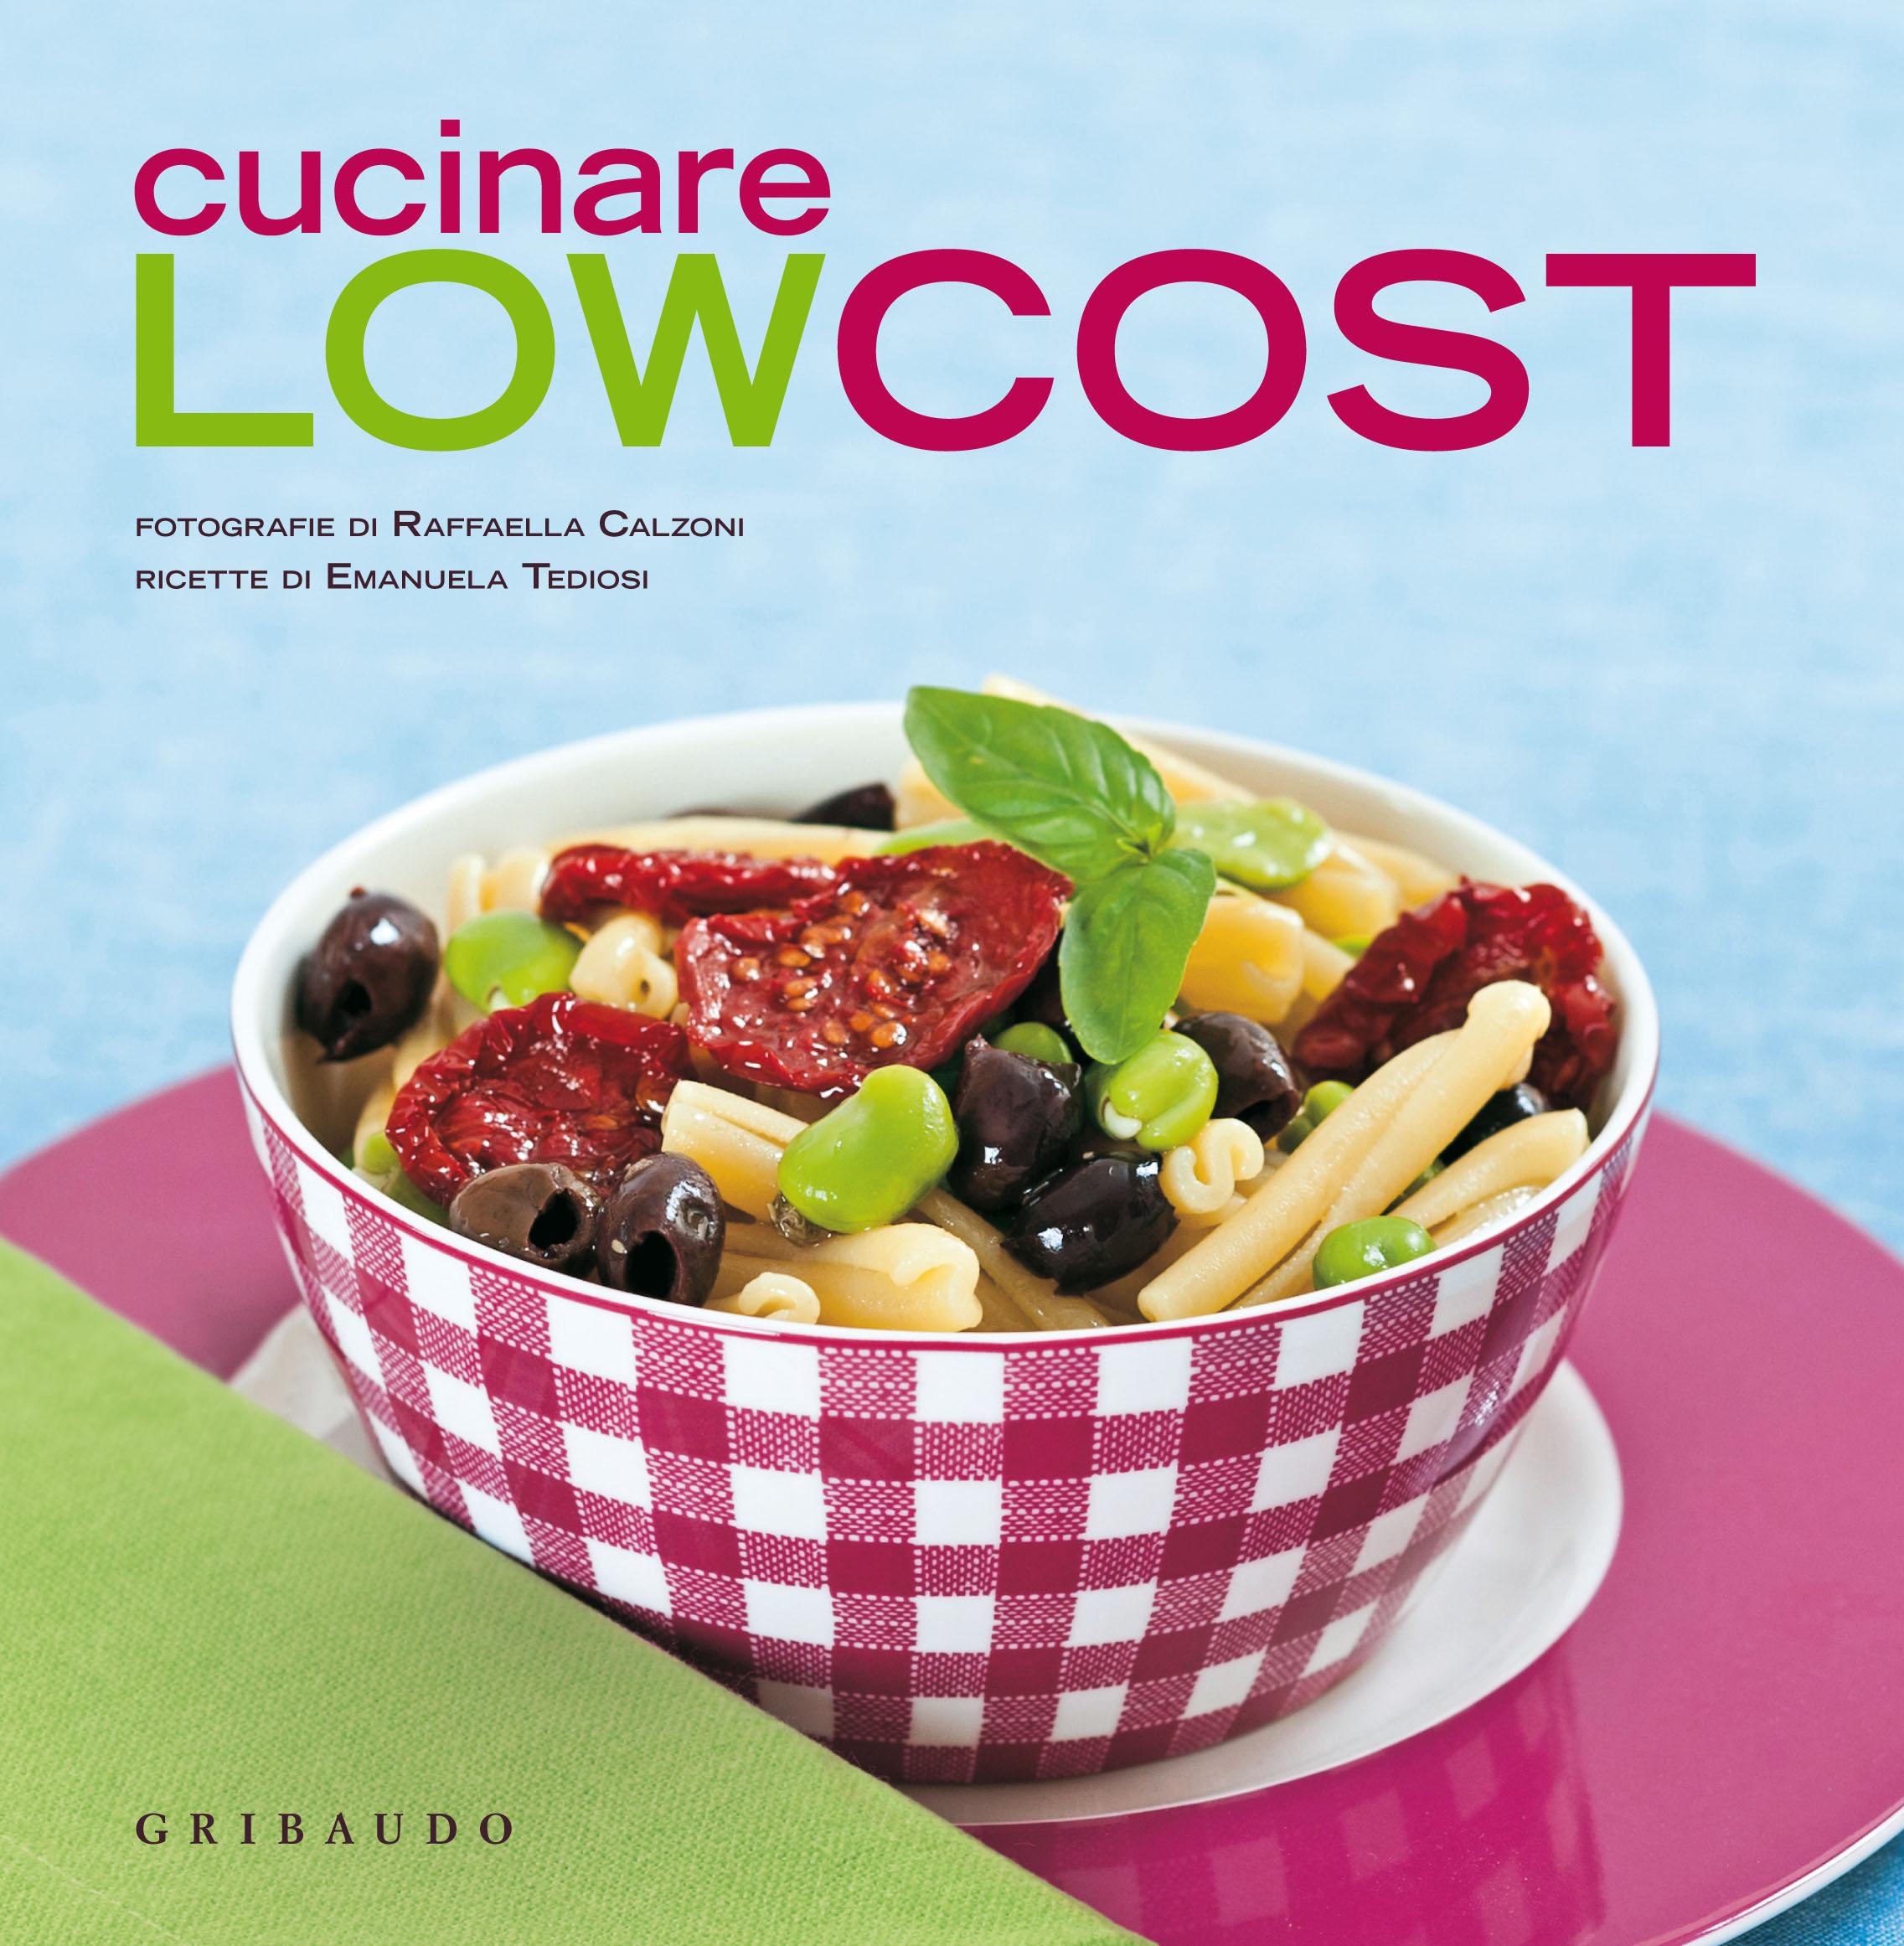 Raffaella Calzoni - Cucinare low cost - Libro Feltrinelli Editore ...